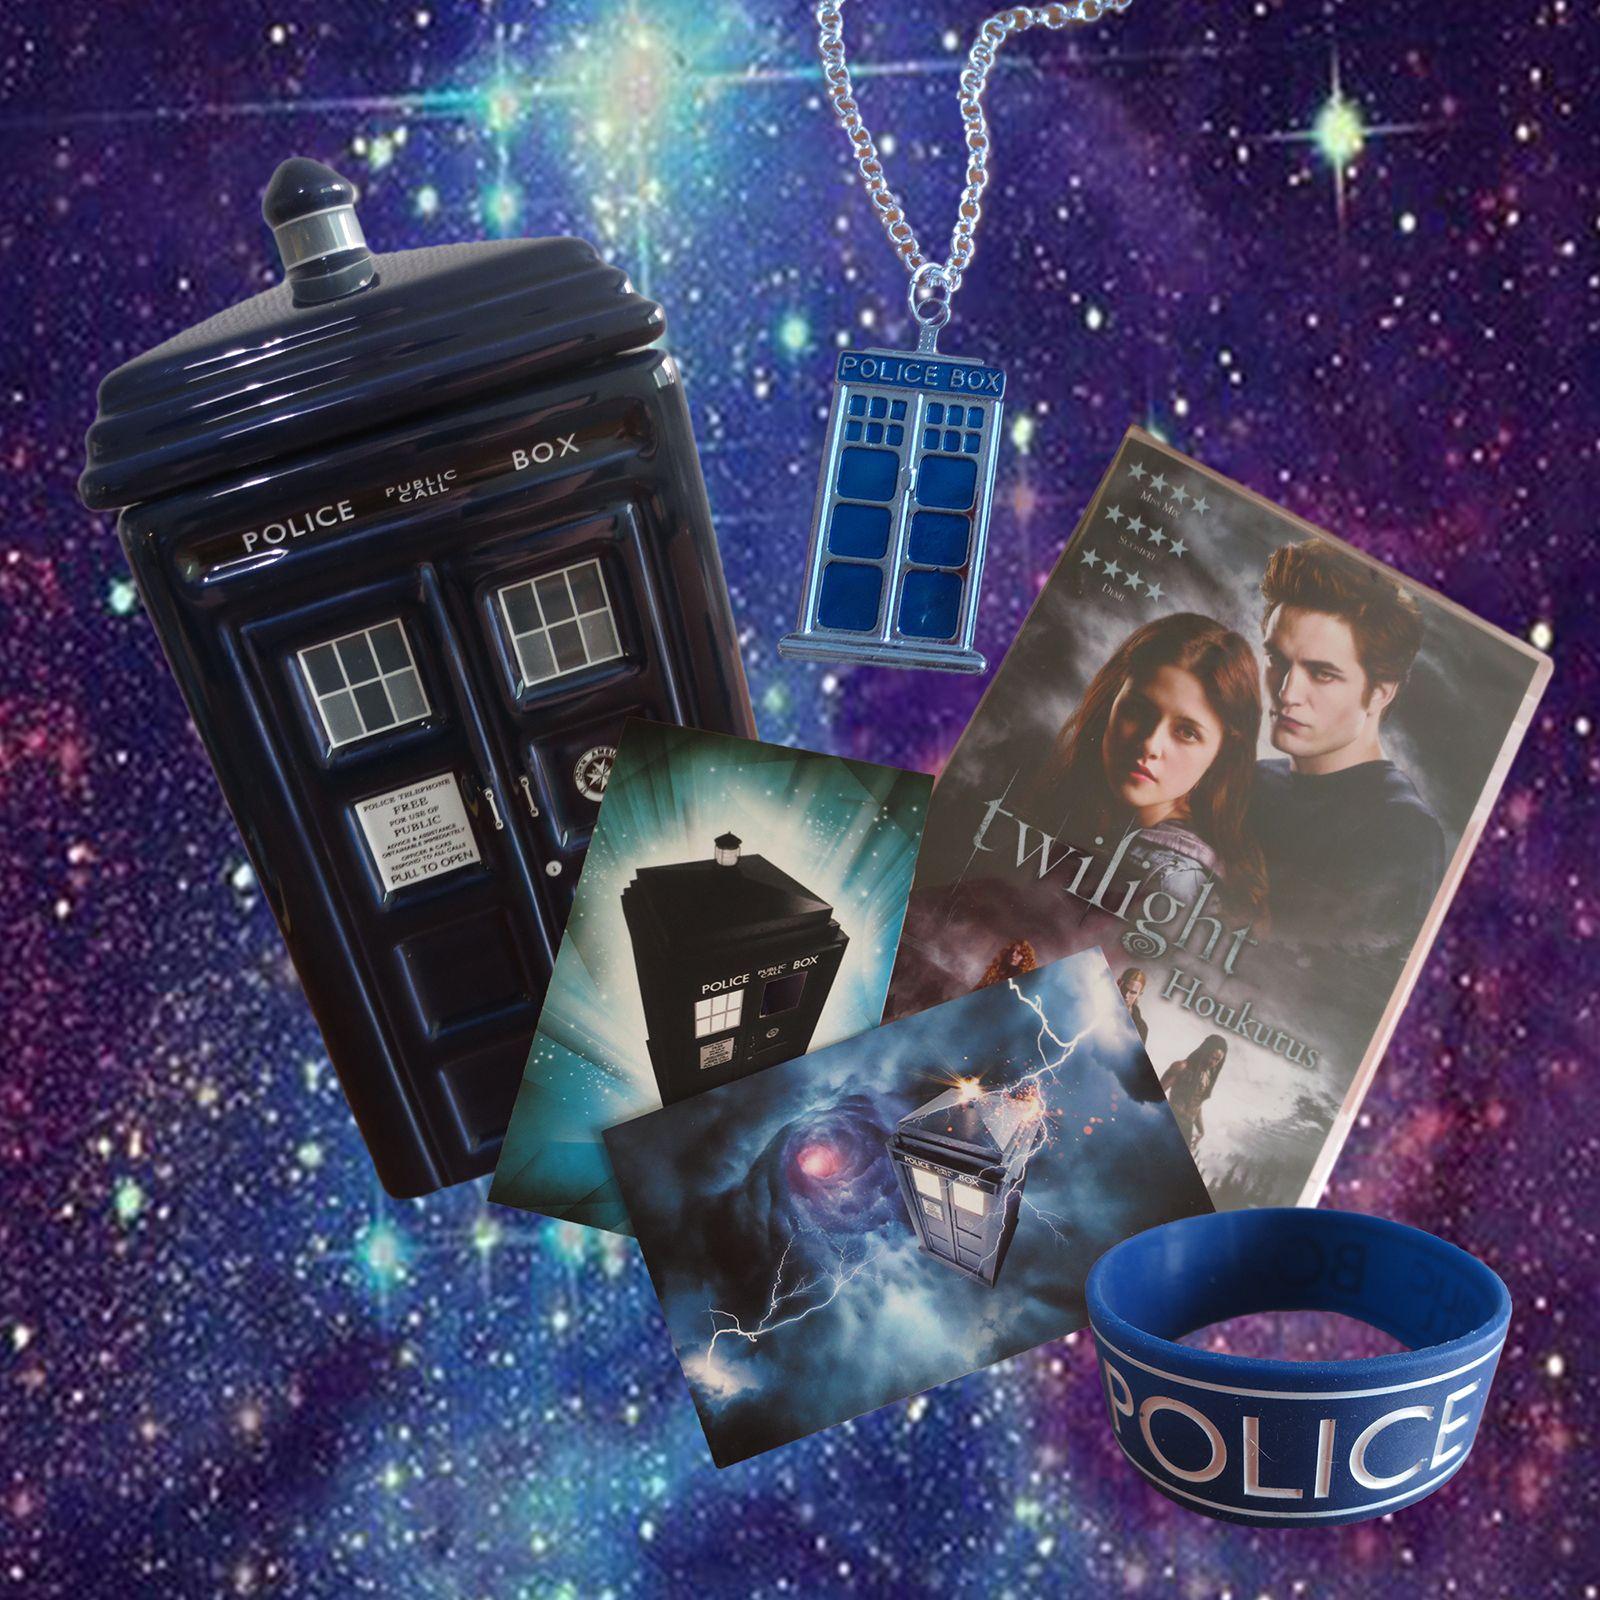 SY Teemarinki Fantasia, Myytit, Sadut, Scifi heinäkuu 2014. TARDIS keksipurkki, kortteja, kaulakoru ja rannekoru, jossa lukee Police public call box sekä pisteenä iin päällä Twilight leffa. :)